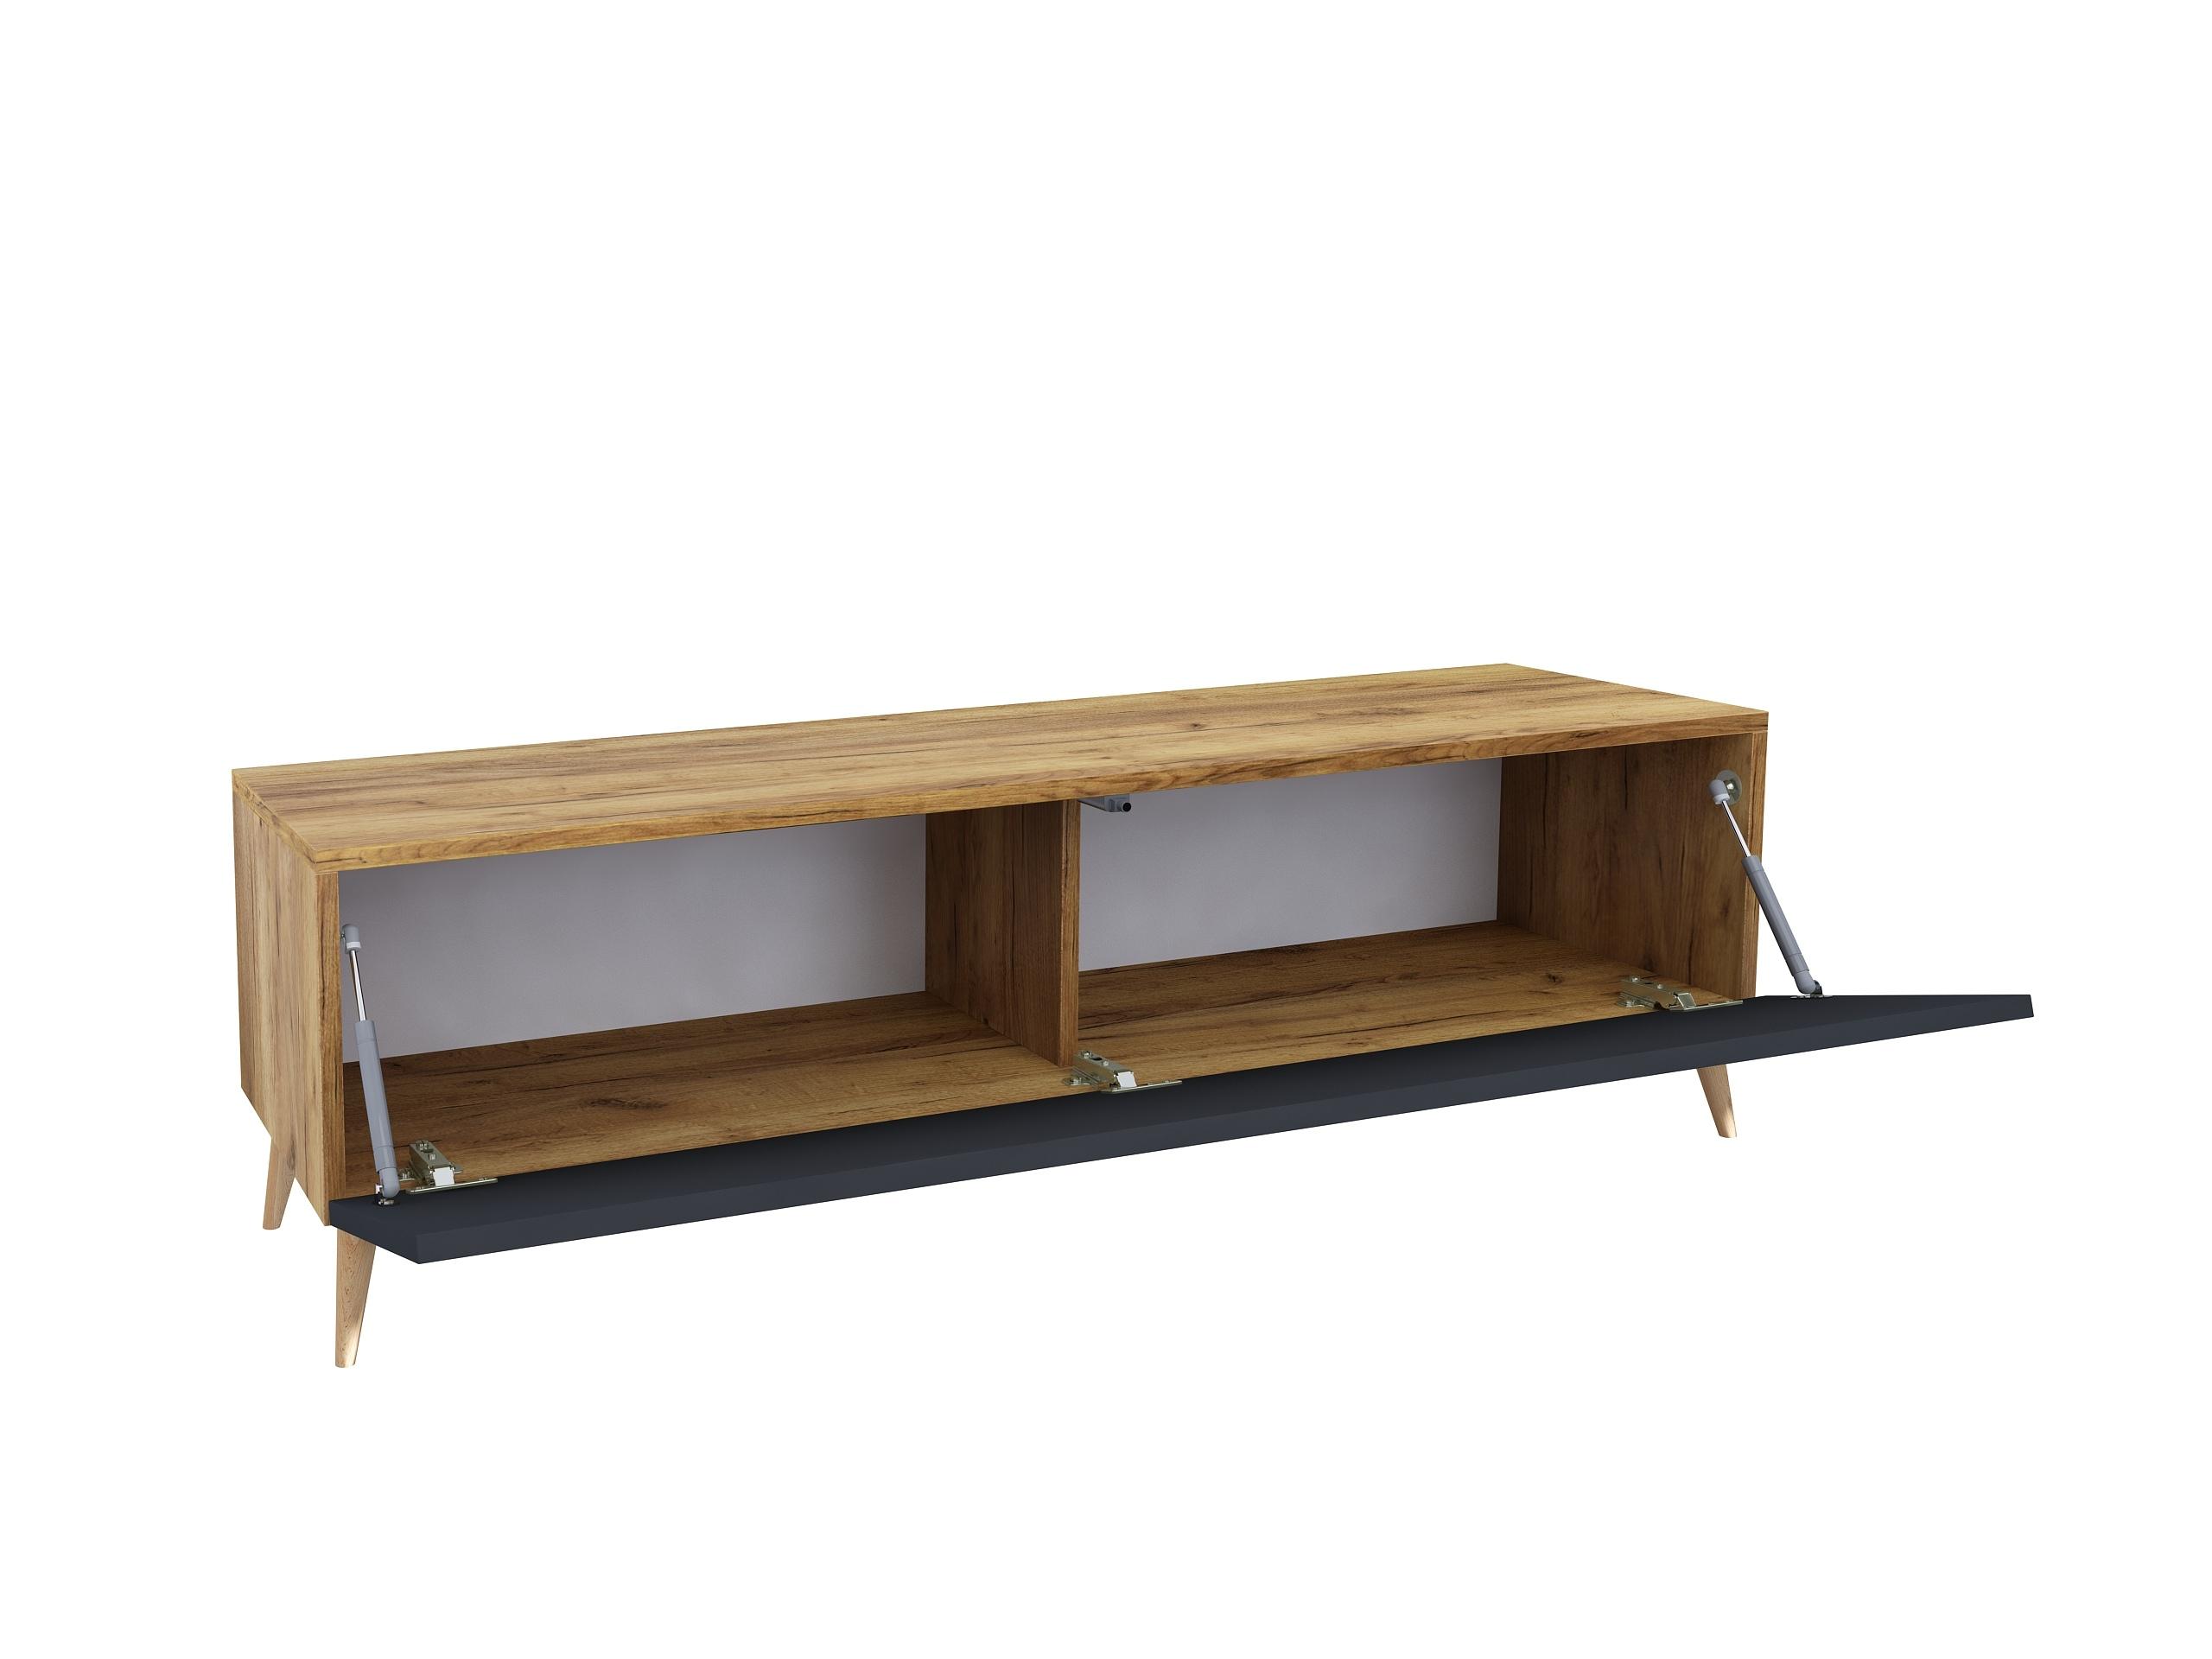 matowa szafka, czarny mat, kolor drewna, drewniane nóżki, wisząca szafka, stojąca szafka